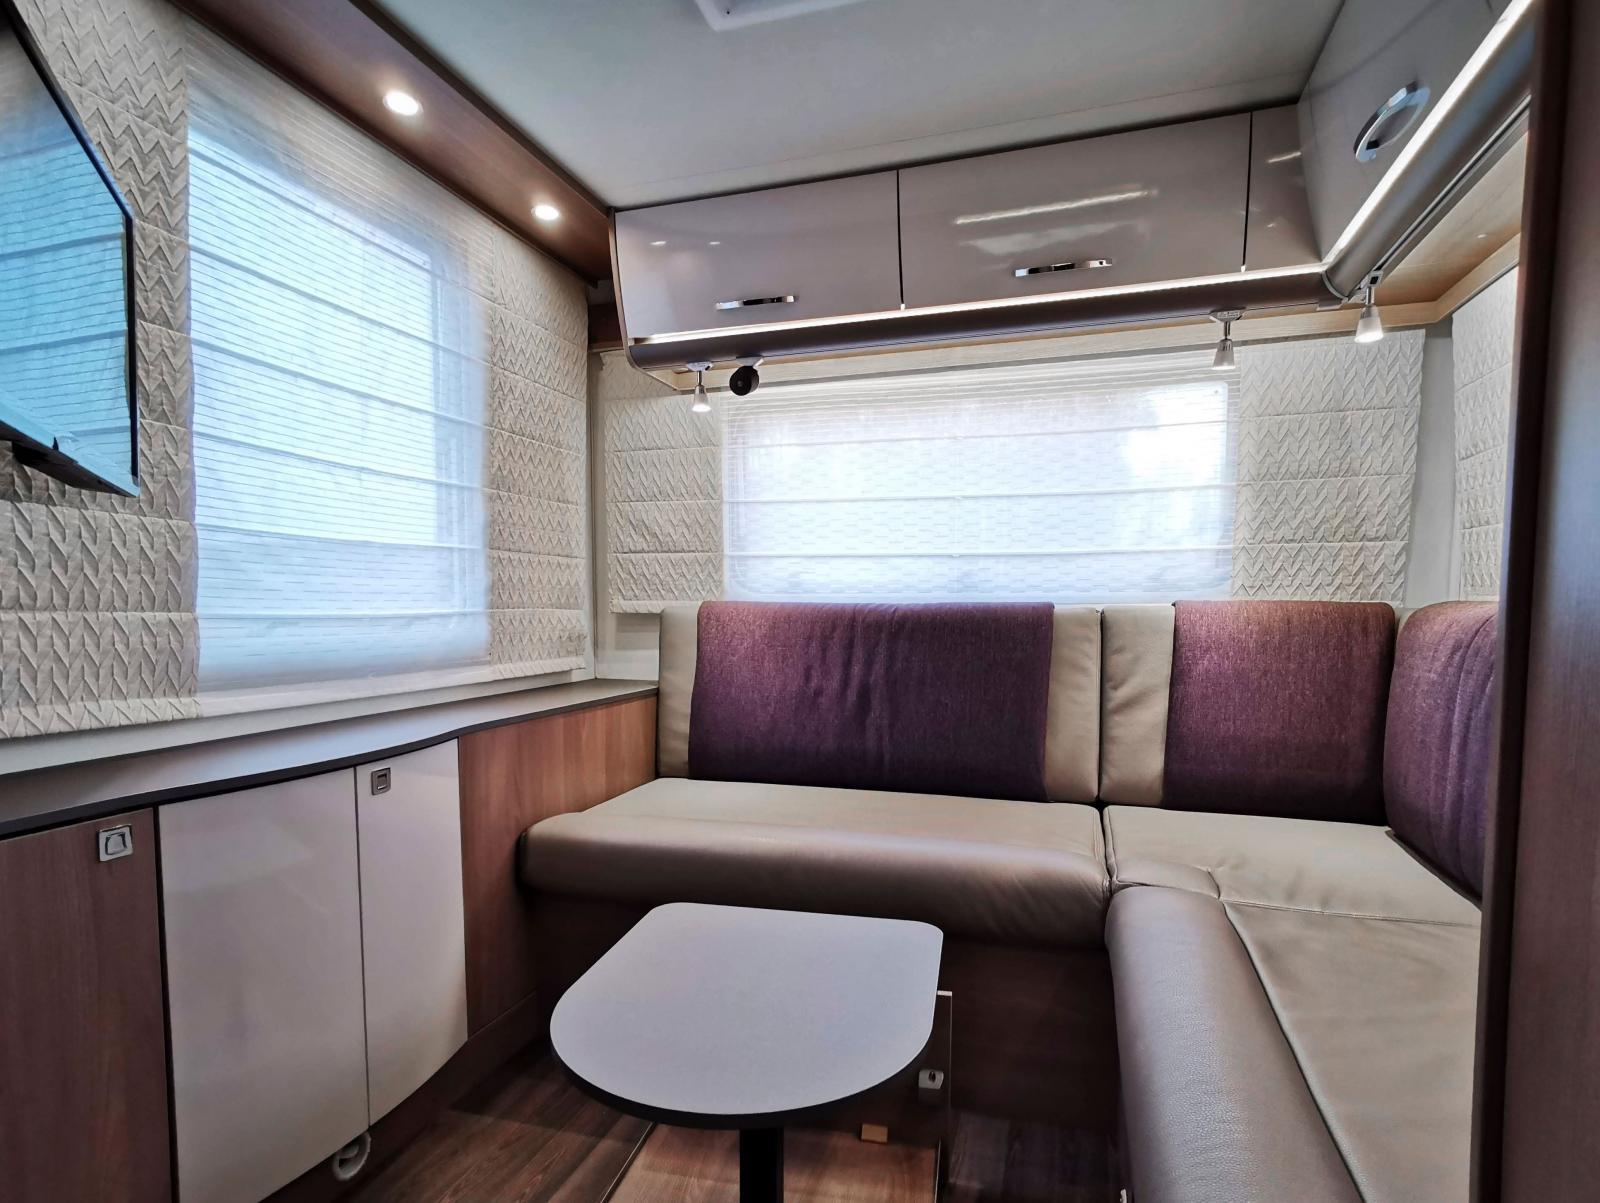 Stoltaste utrymmet är definitivt hörnsittgruppen längst bak. Med uppdragna gardiner är det härlig utsikt genom de stora fönstren. Det lilla bordet skjuts in under soffan, låses som en vanlig låda.